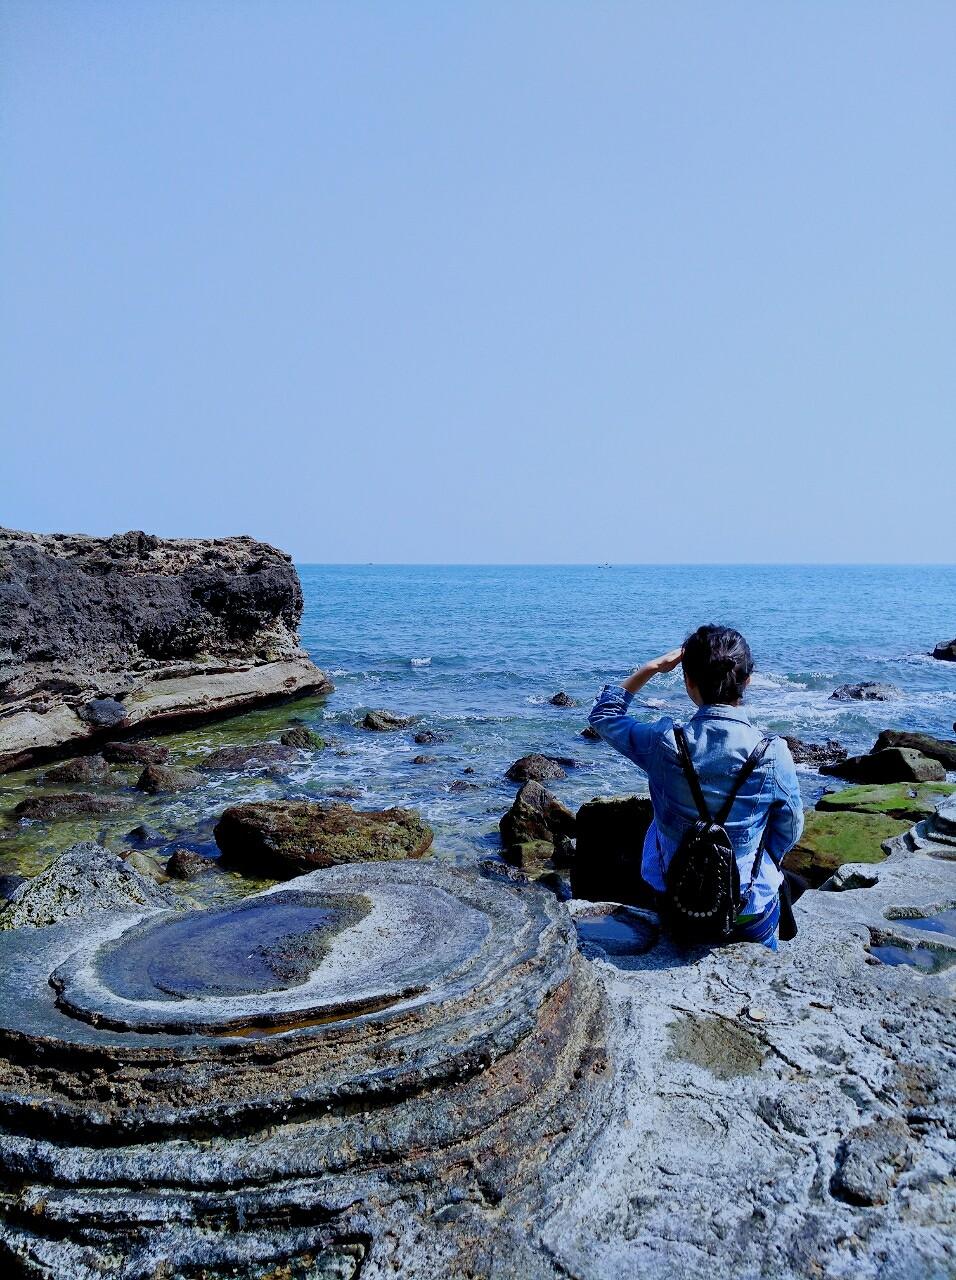 我们都一样年轻又彷徨涠洲岛涠洲岛旅游攻略蚂